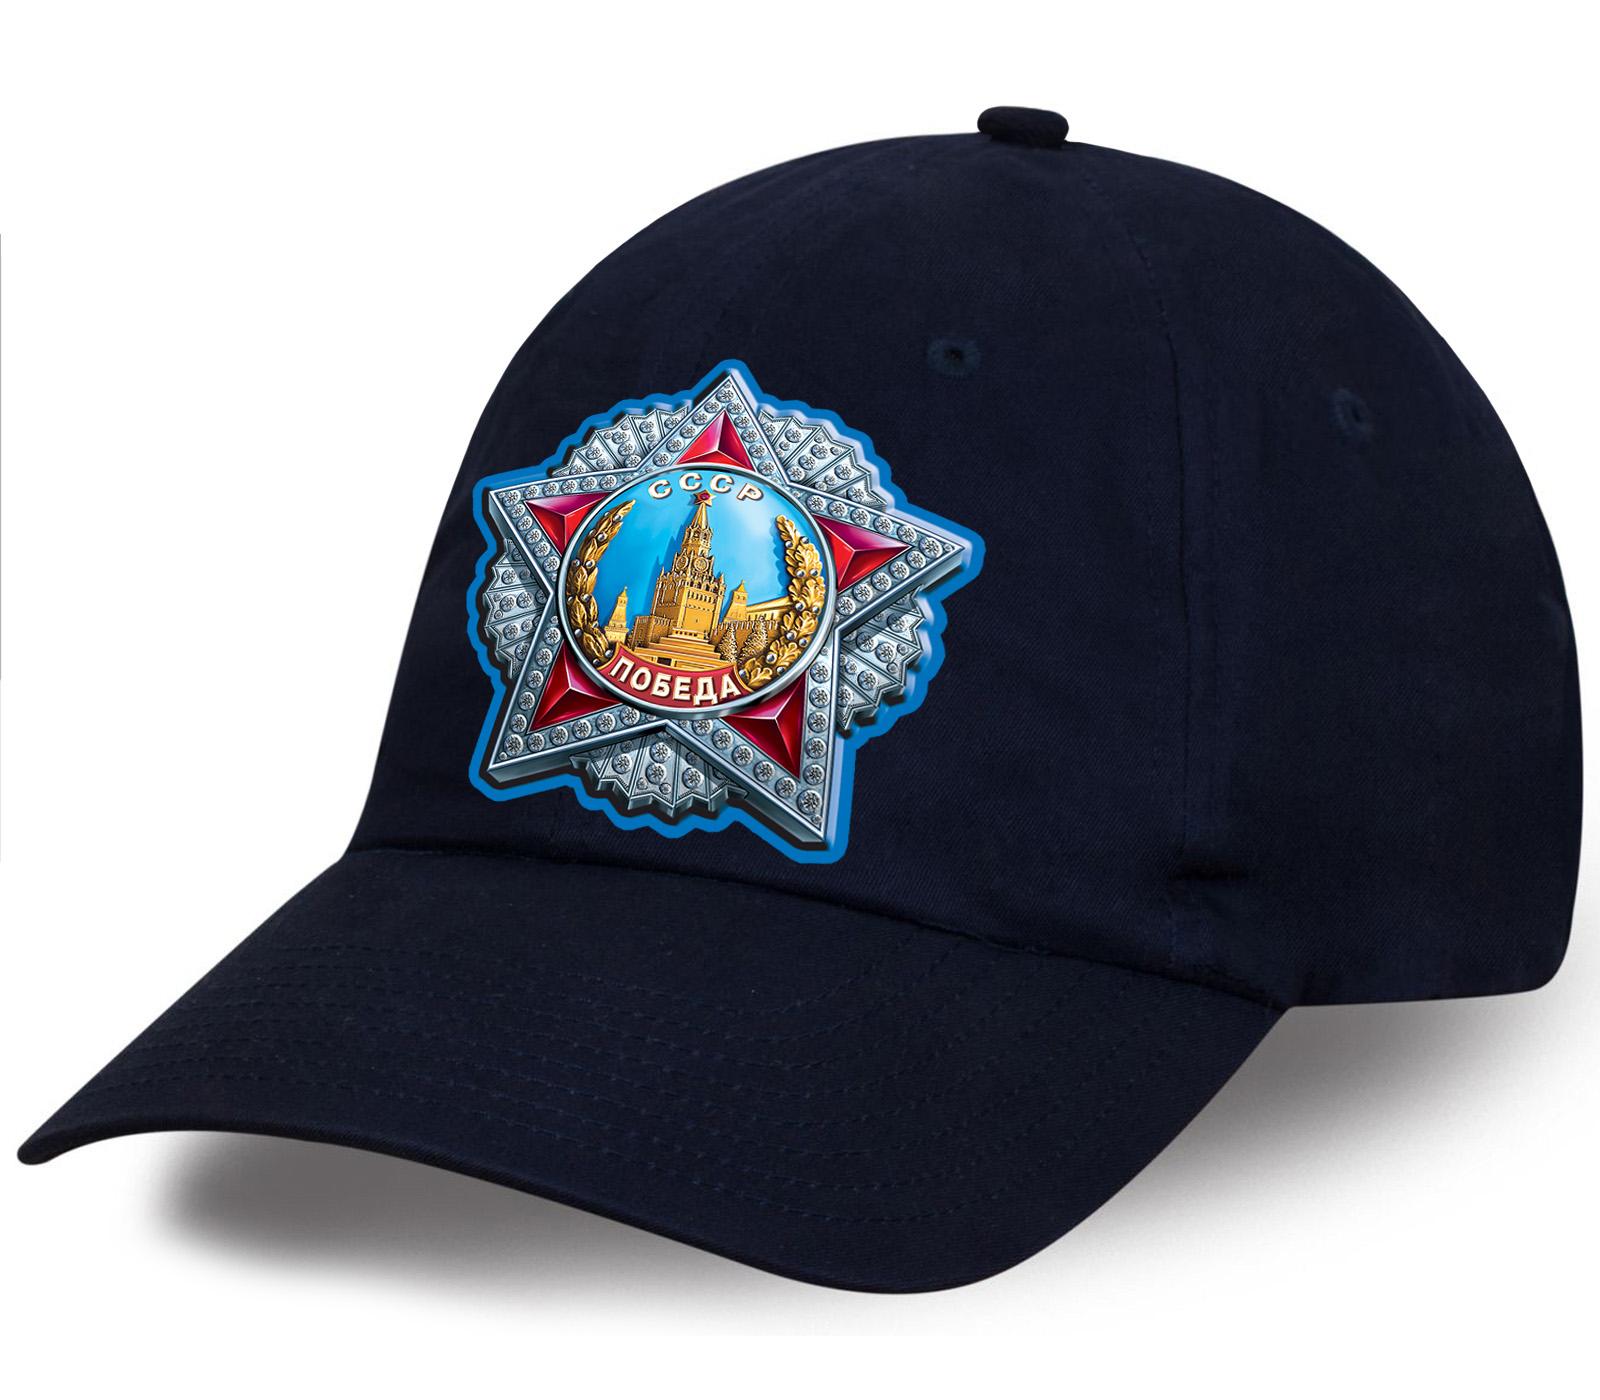 Представляем Вам к 9 Маю отменную патриотическую бейсболку с авторским принтом Ордена Победы. Только в Военпро и только по самой низкой цене в Москве. Поспешите количество ограничено!